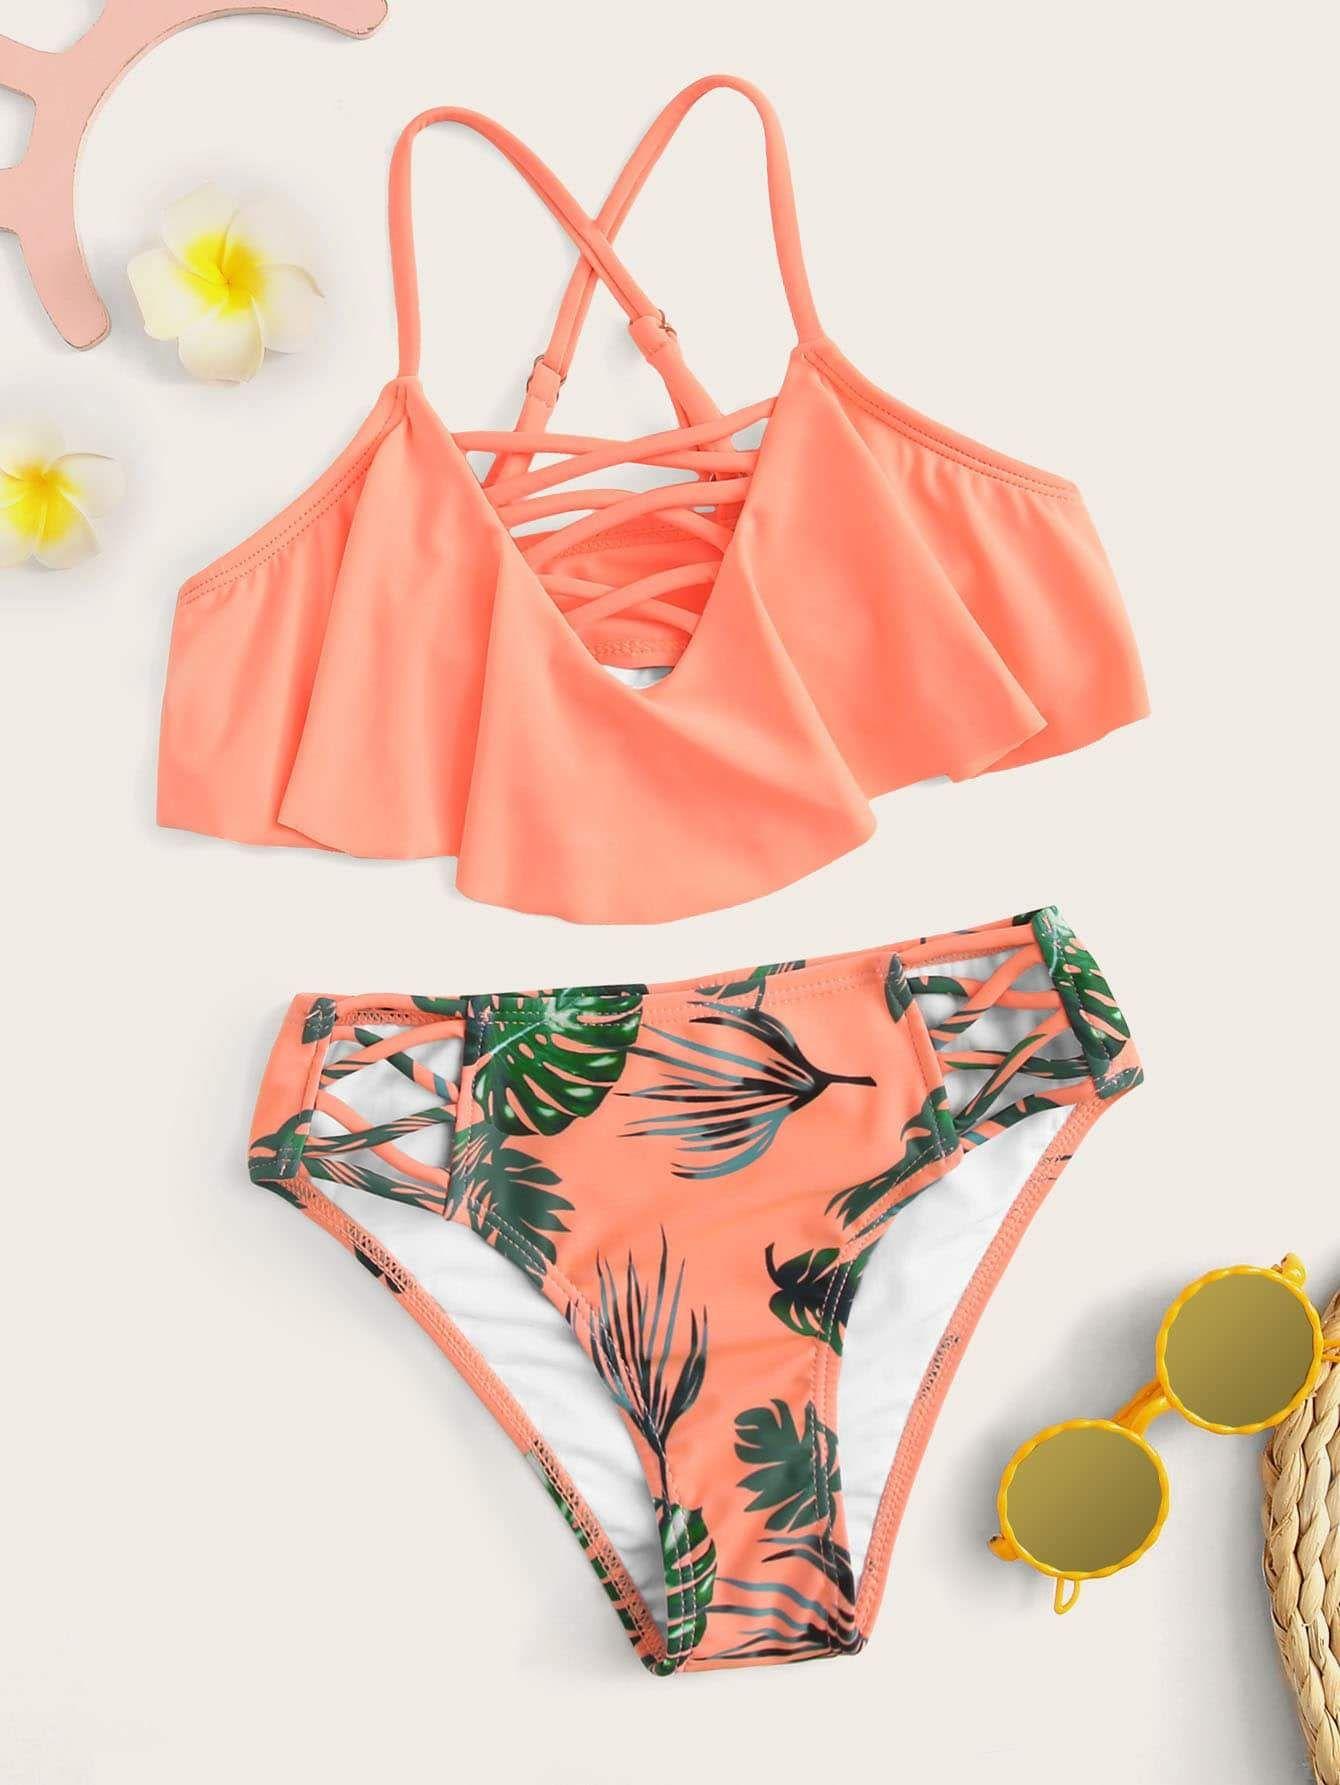 bca889a0e1 Girls Criss Cross Flounce Bikini | Popviva | Kids | Pinterest | Kids ...